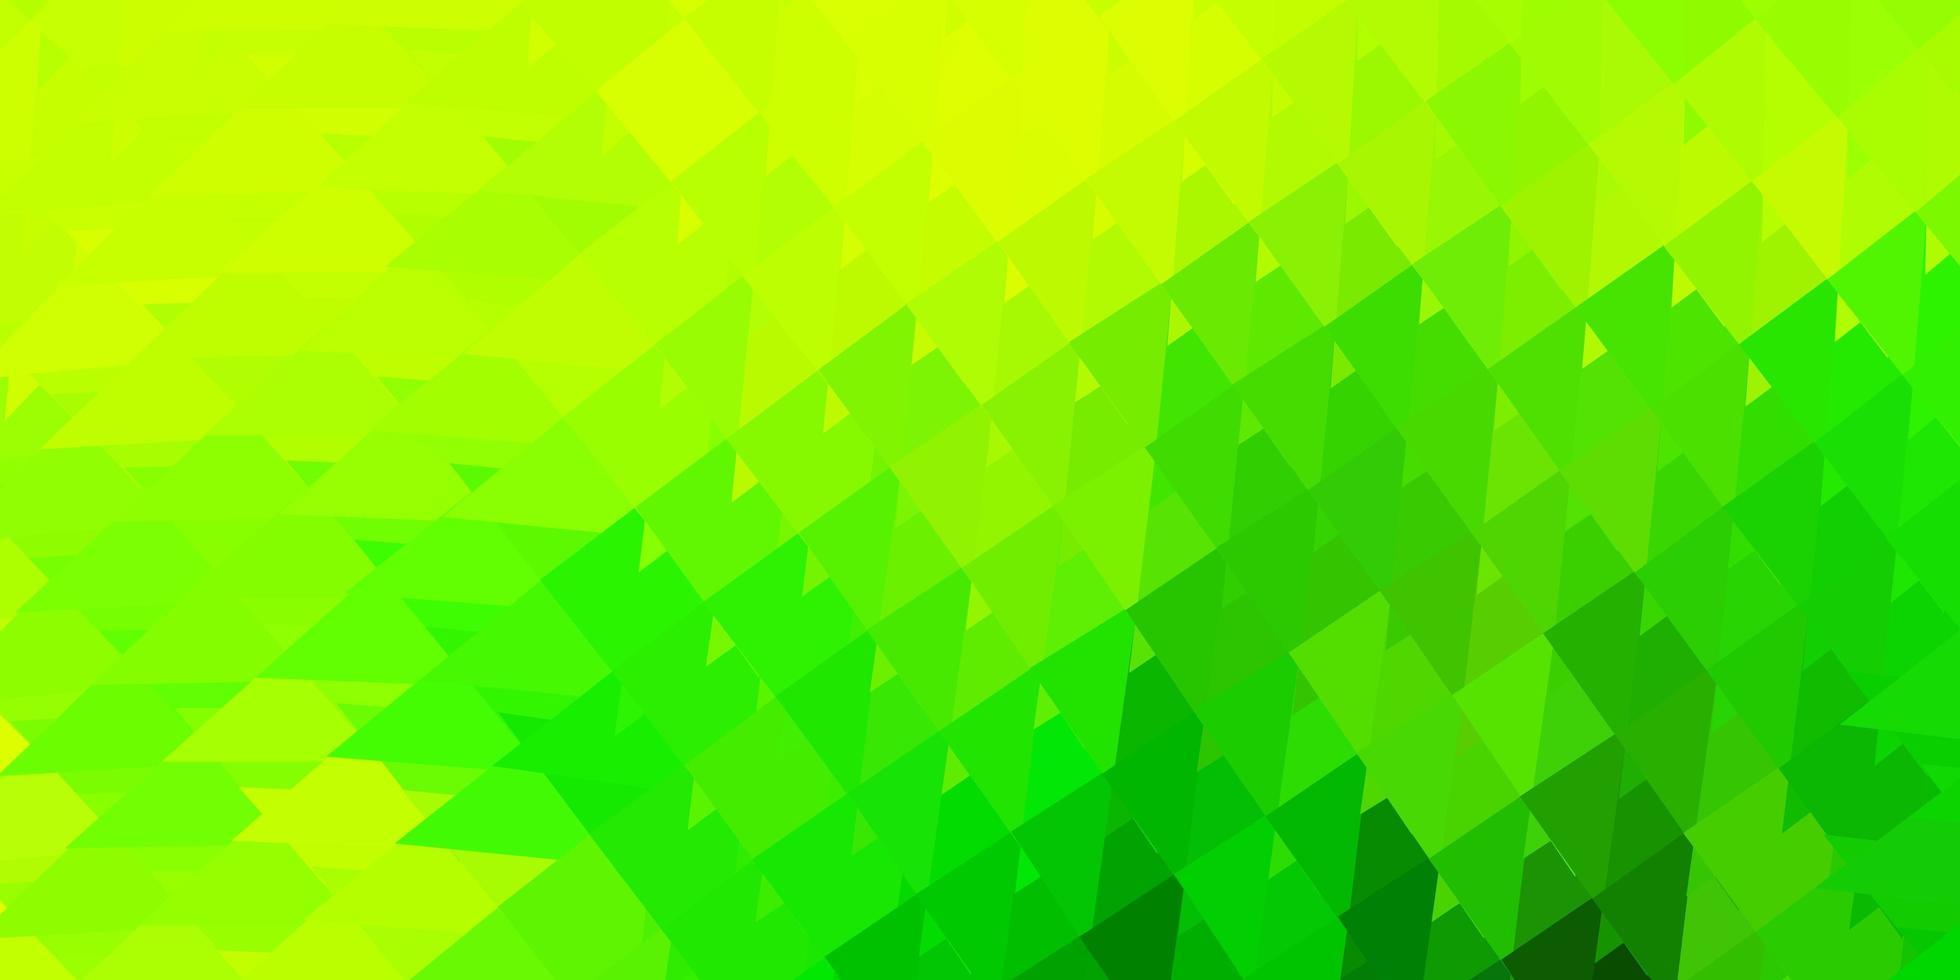 ljusgrön, gul vektor abstrakt triangel bakgrund.